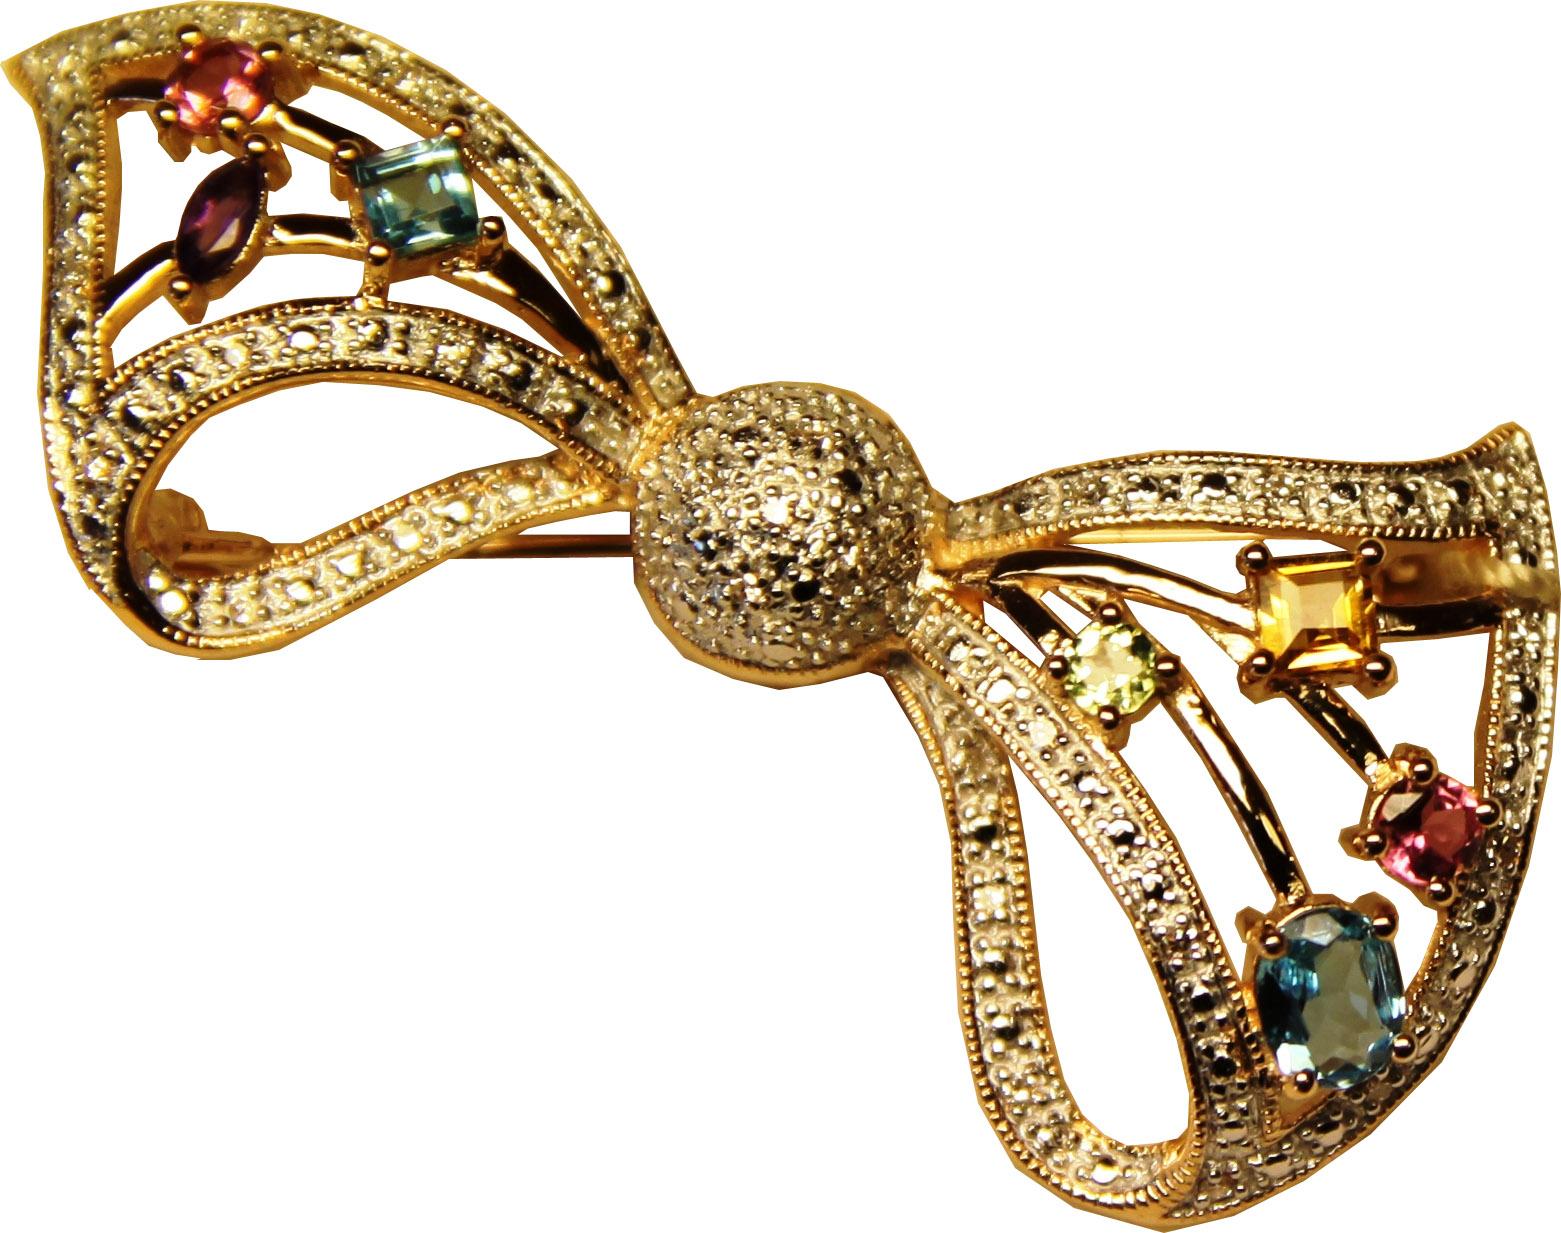 Золотая брошь с аметистом, бриллиантом, перидотом, топазом, турмалином и цитрином арт. 330060км 330060км